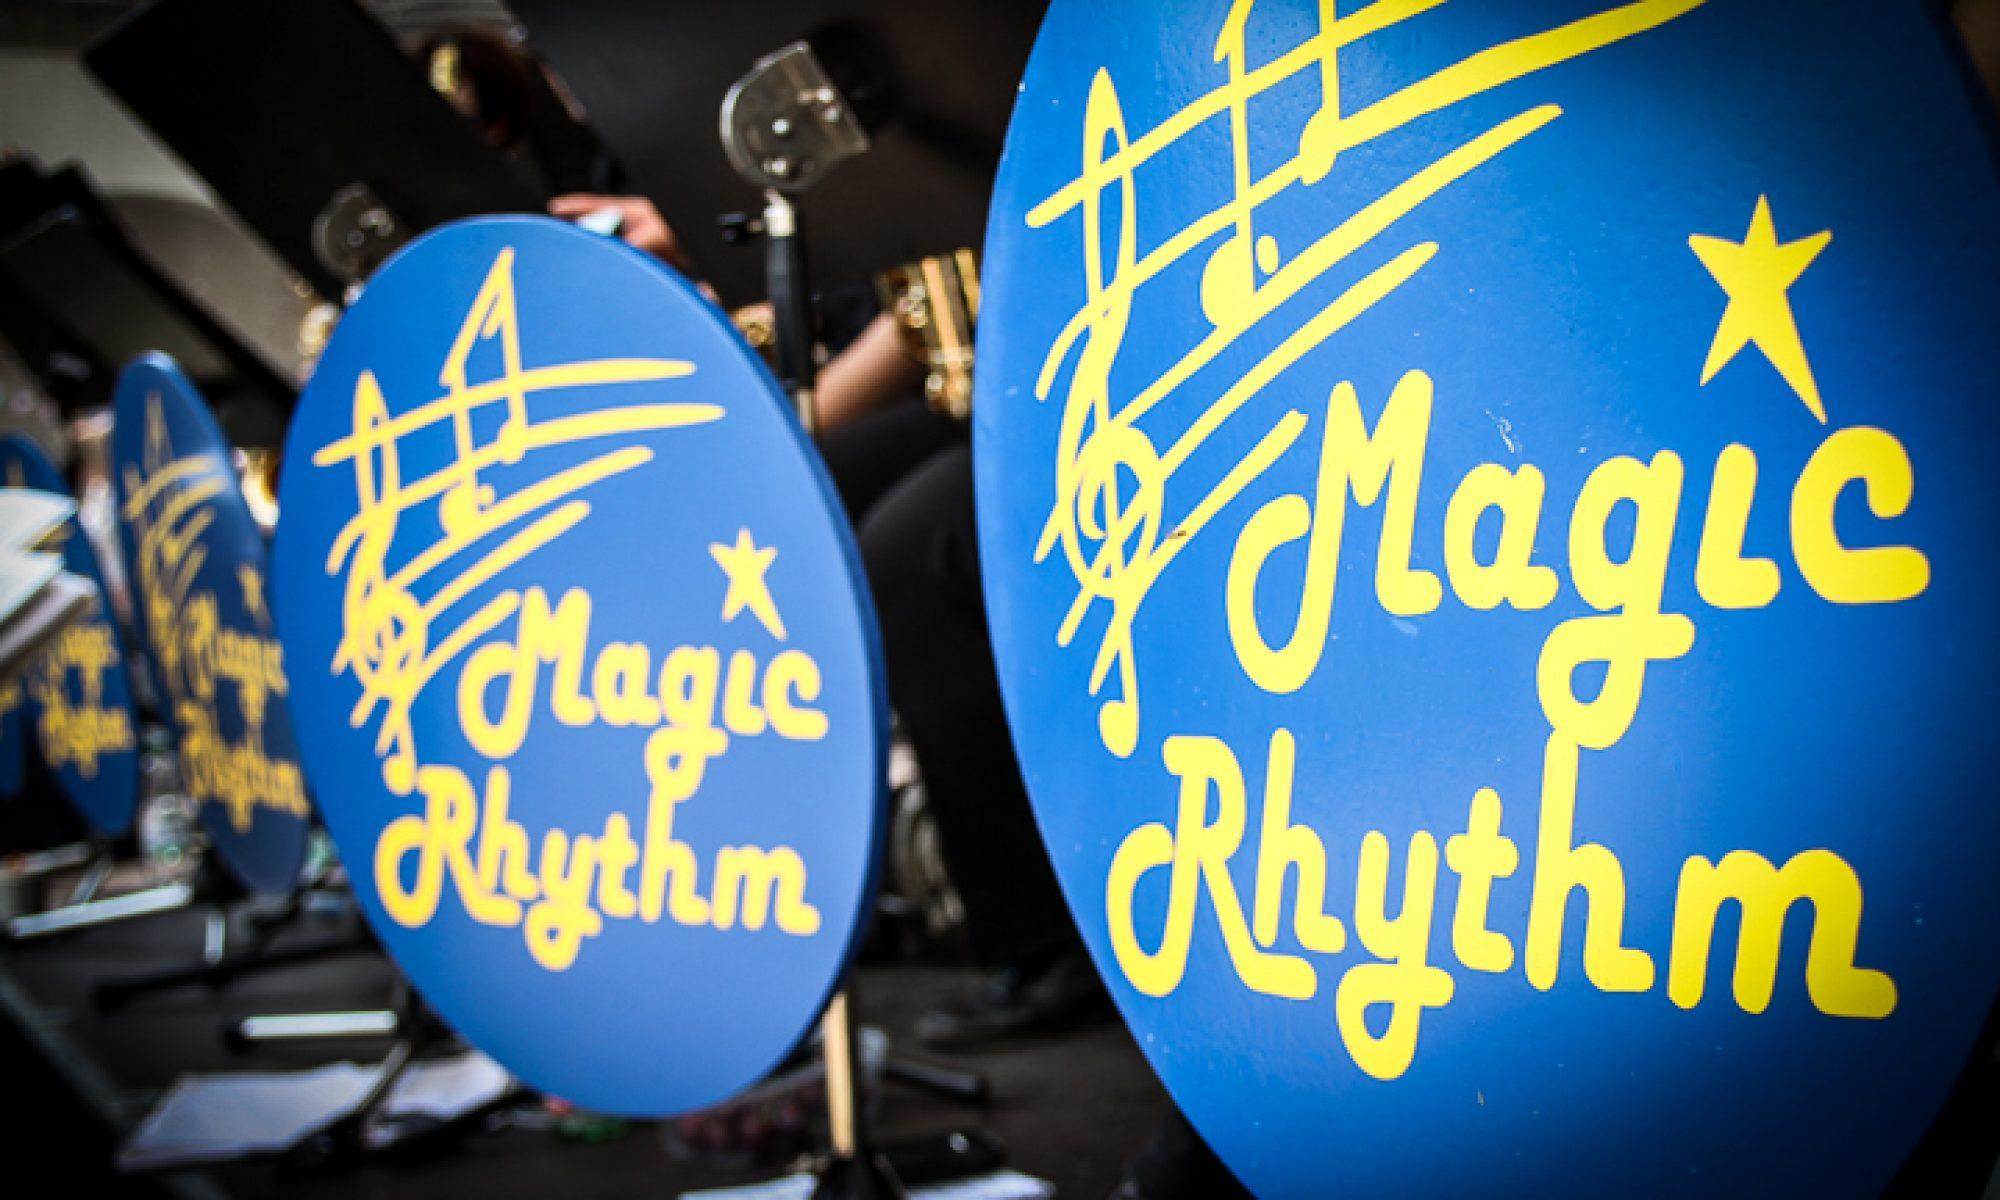 Magic Rhythm